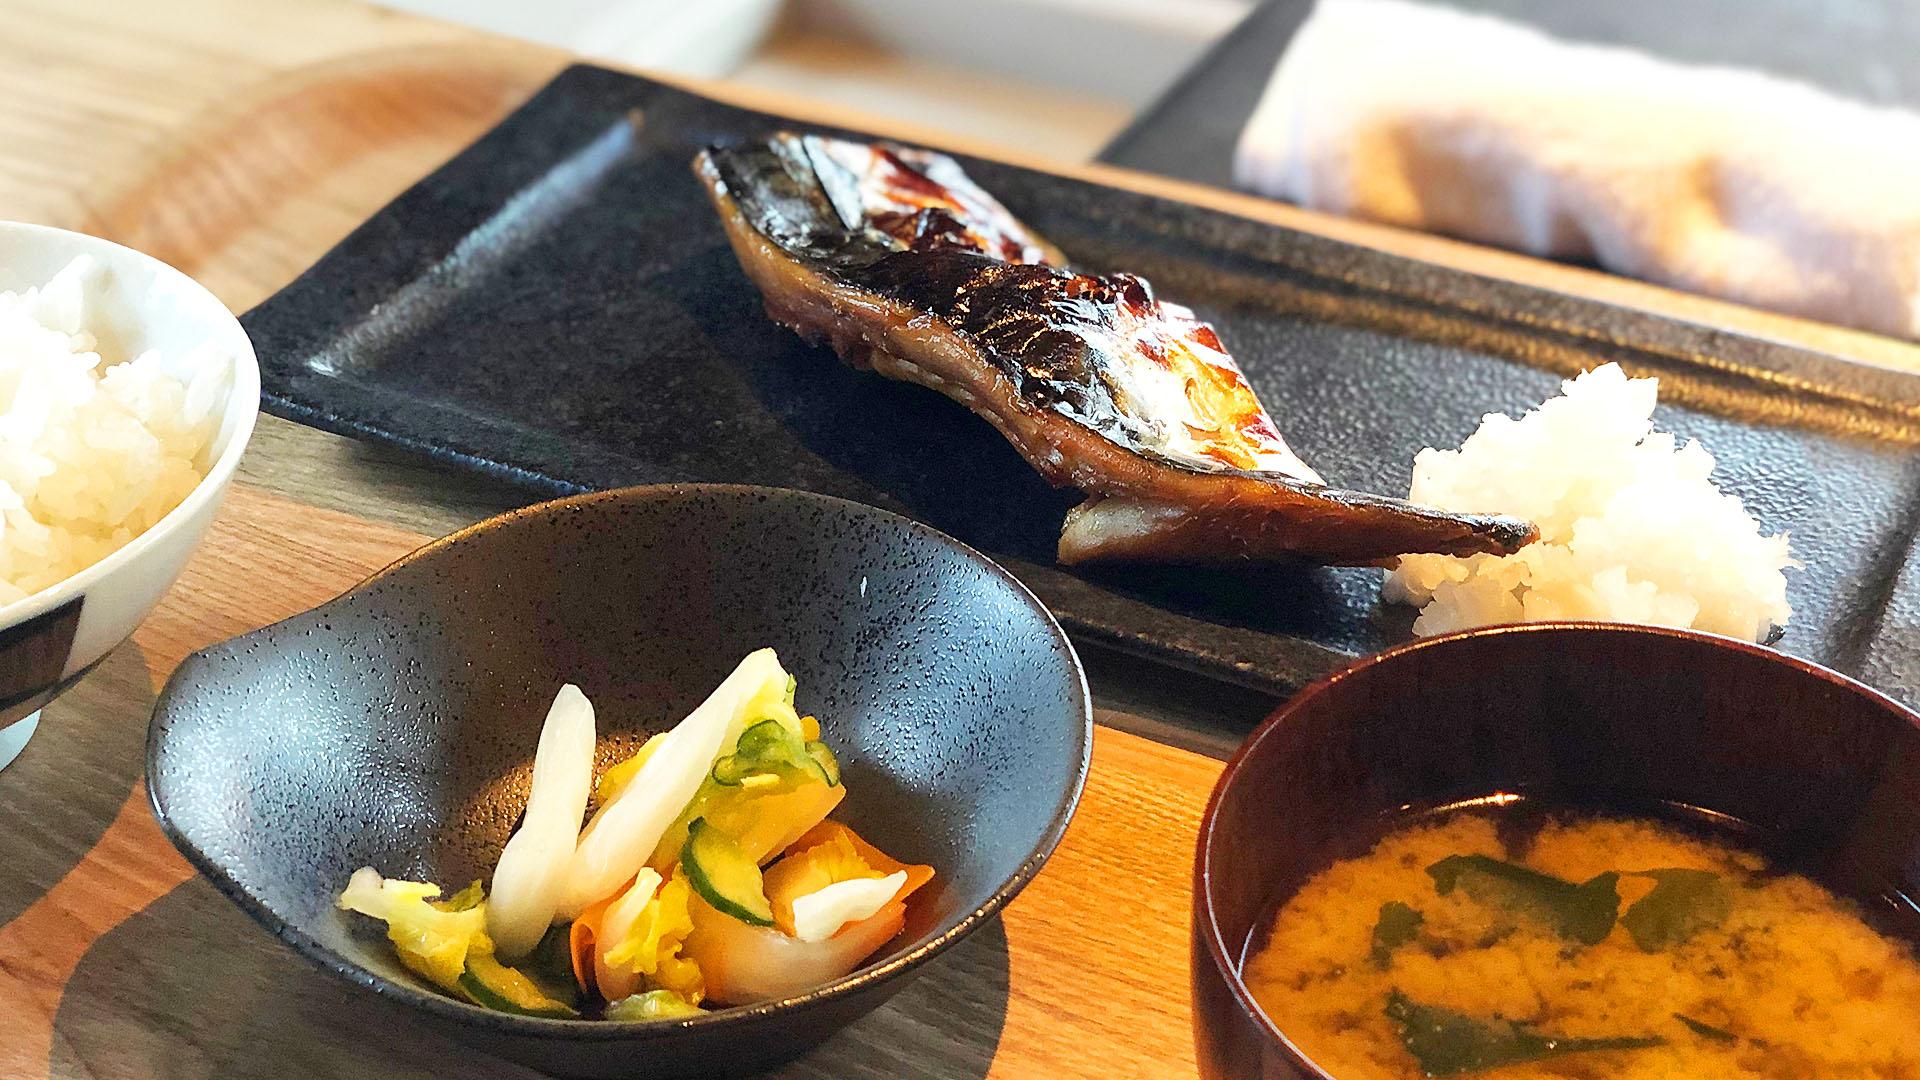 大阪・福島にニューオープン!古民家風オシャレ和食屋「臥薪」の絶品ランチ